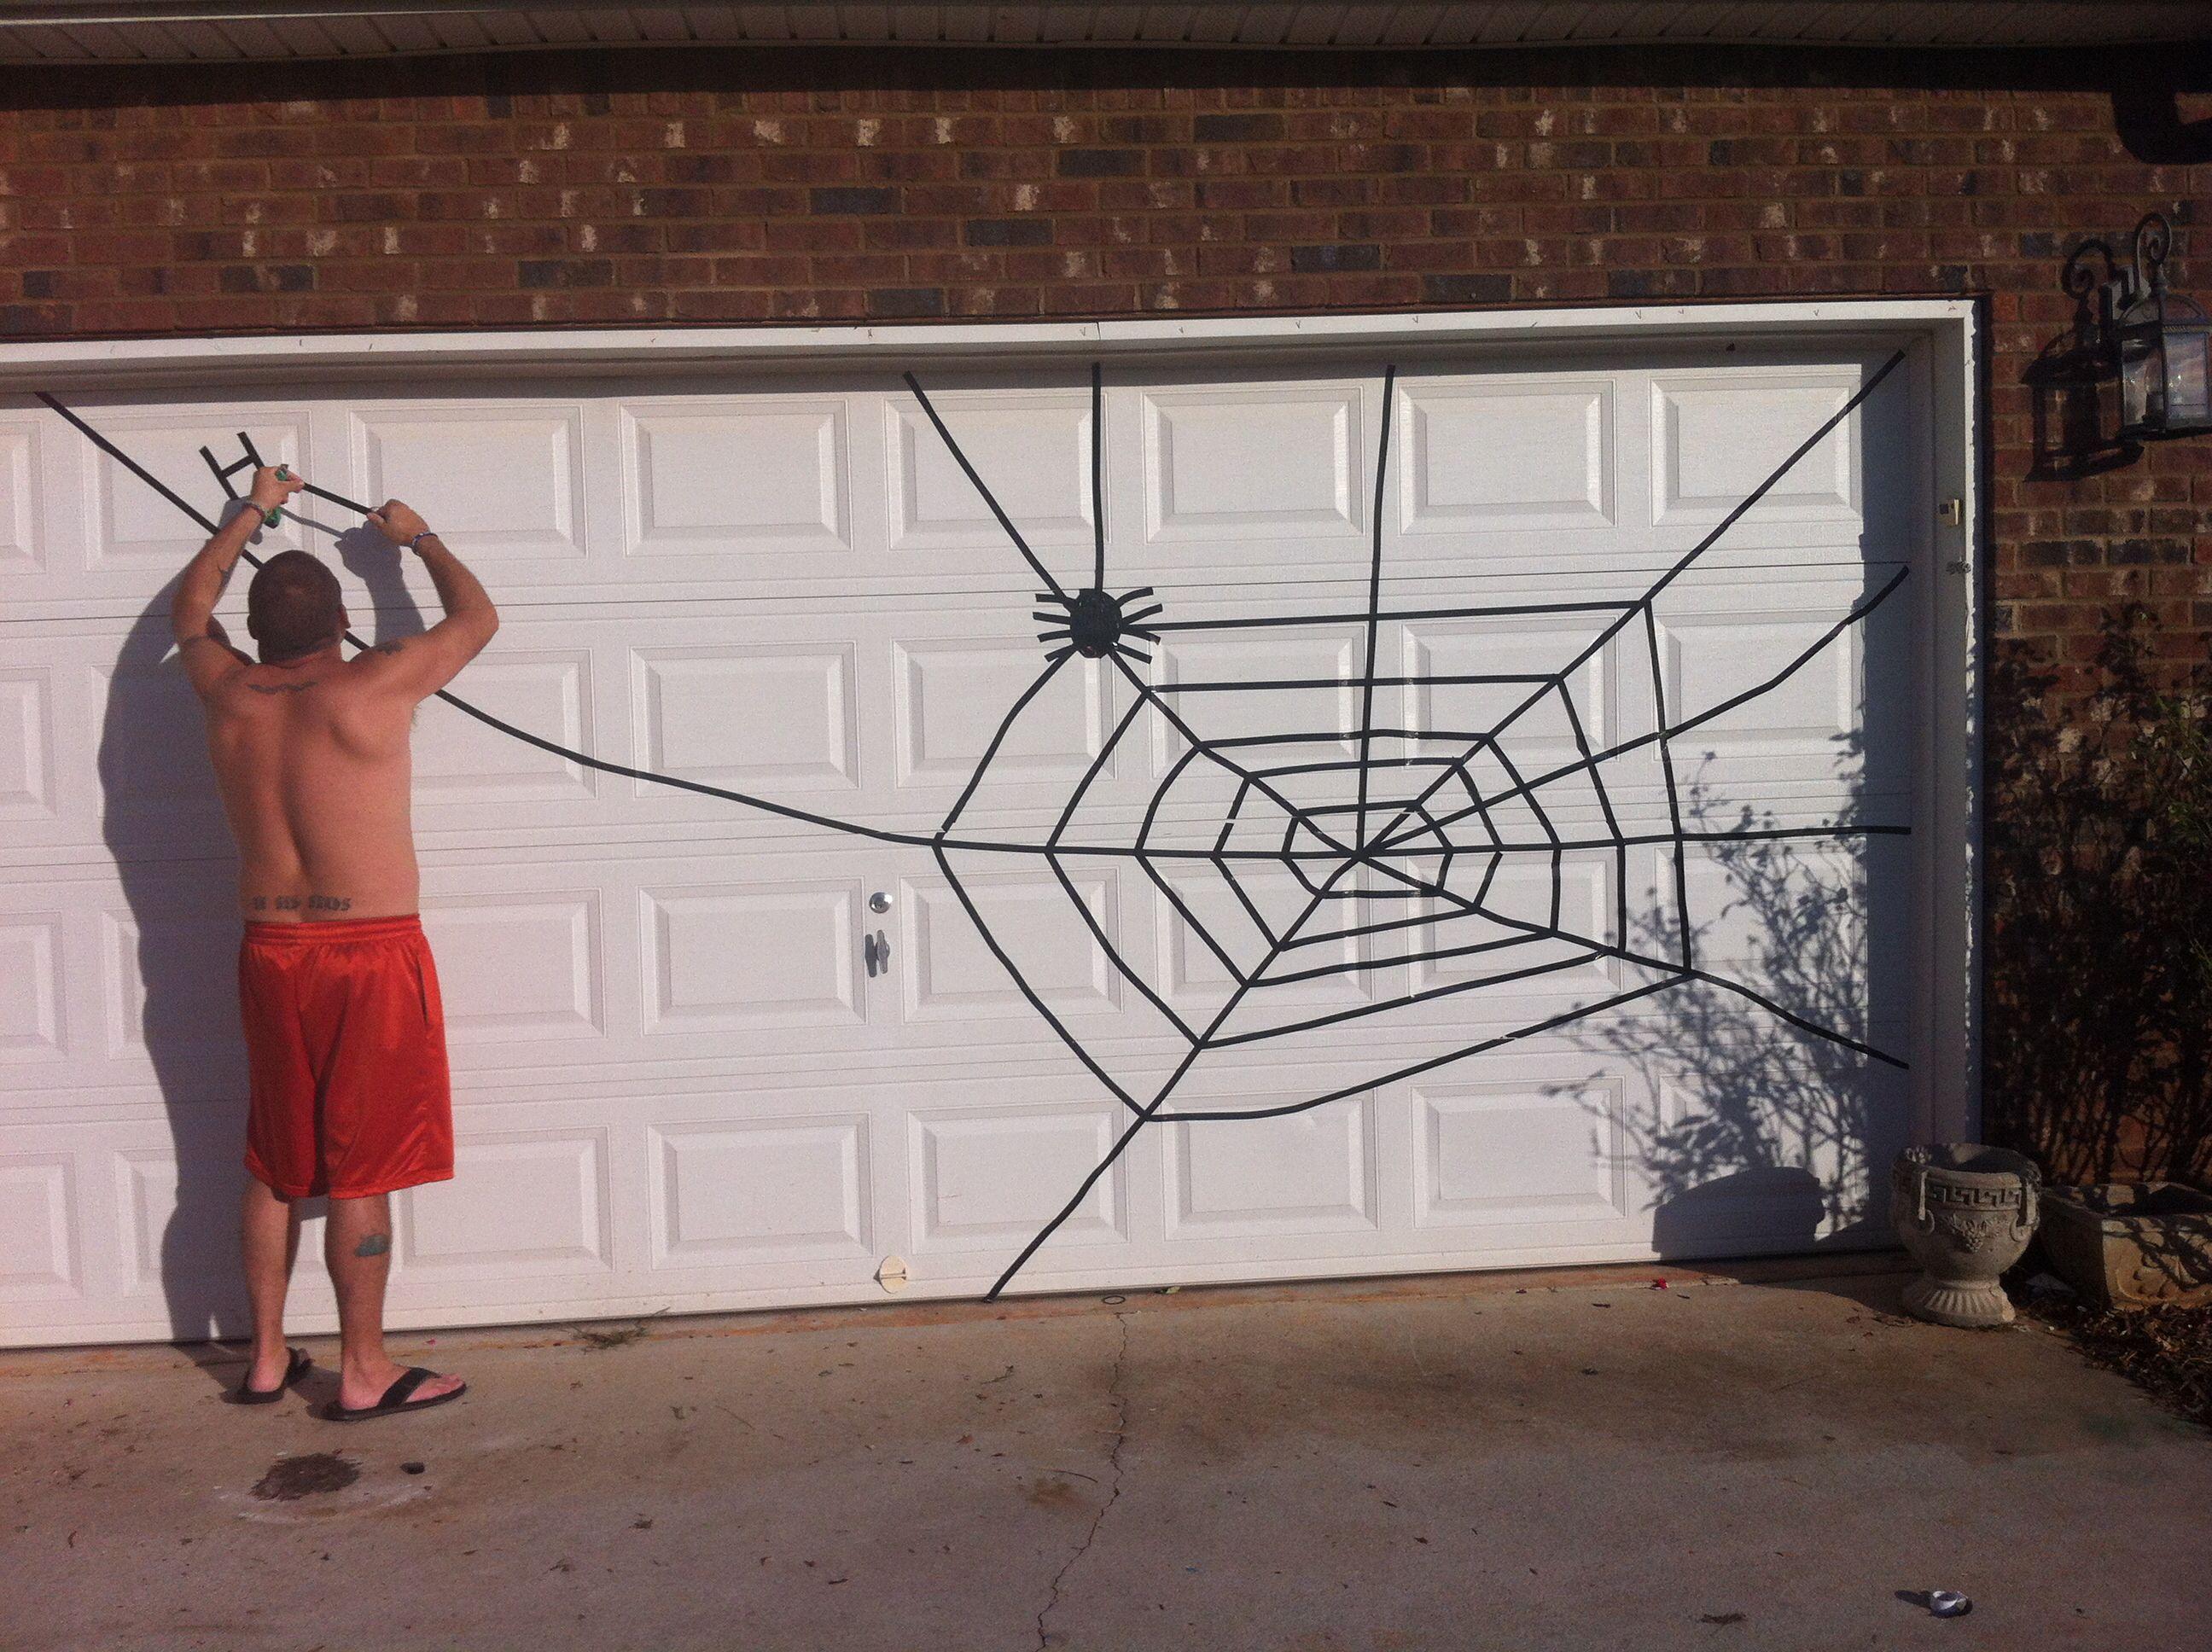 Diy halloween garage door decorations - Spider Web For Halloween Garage Door Use Electrical Tape